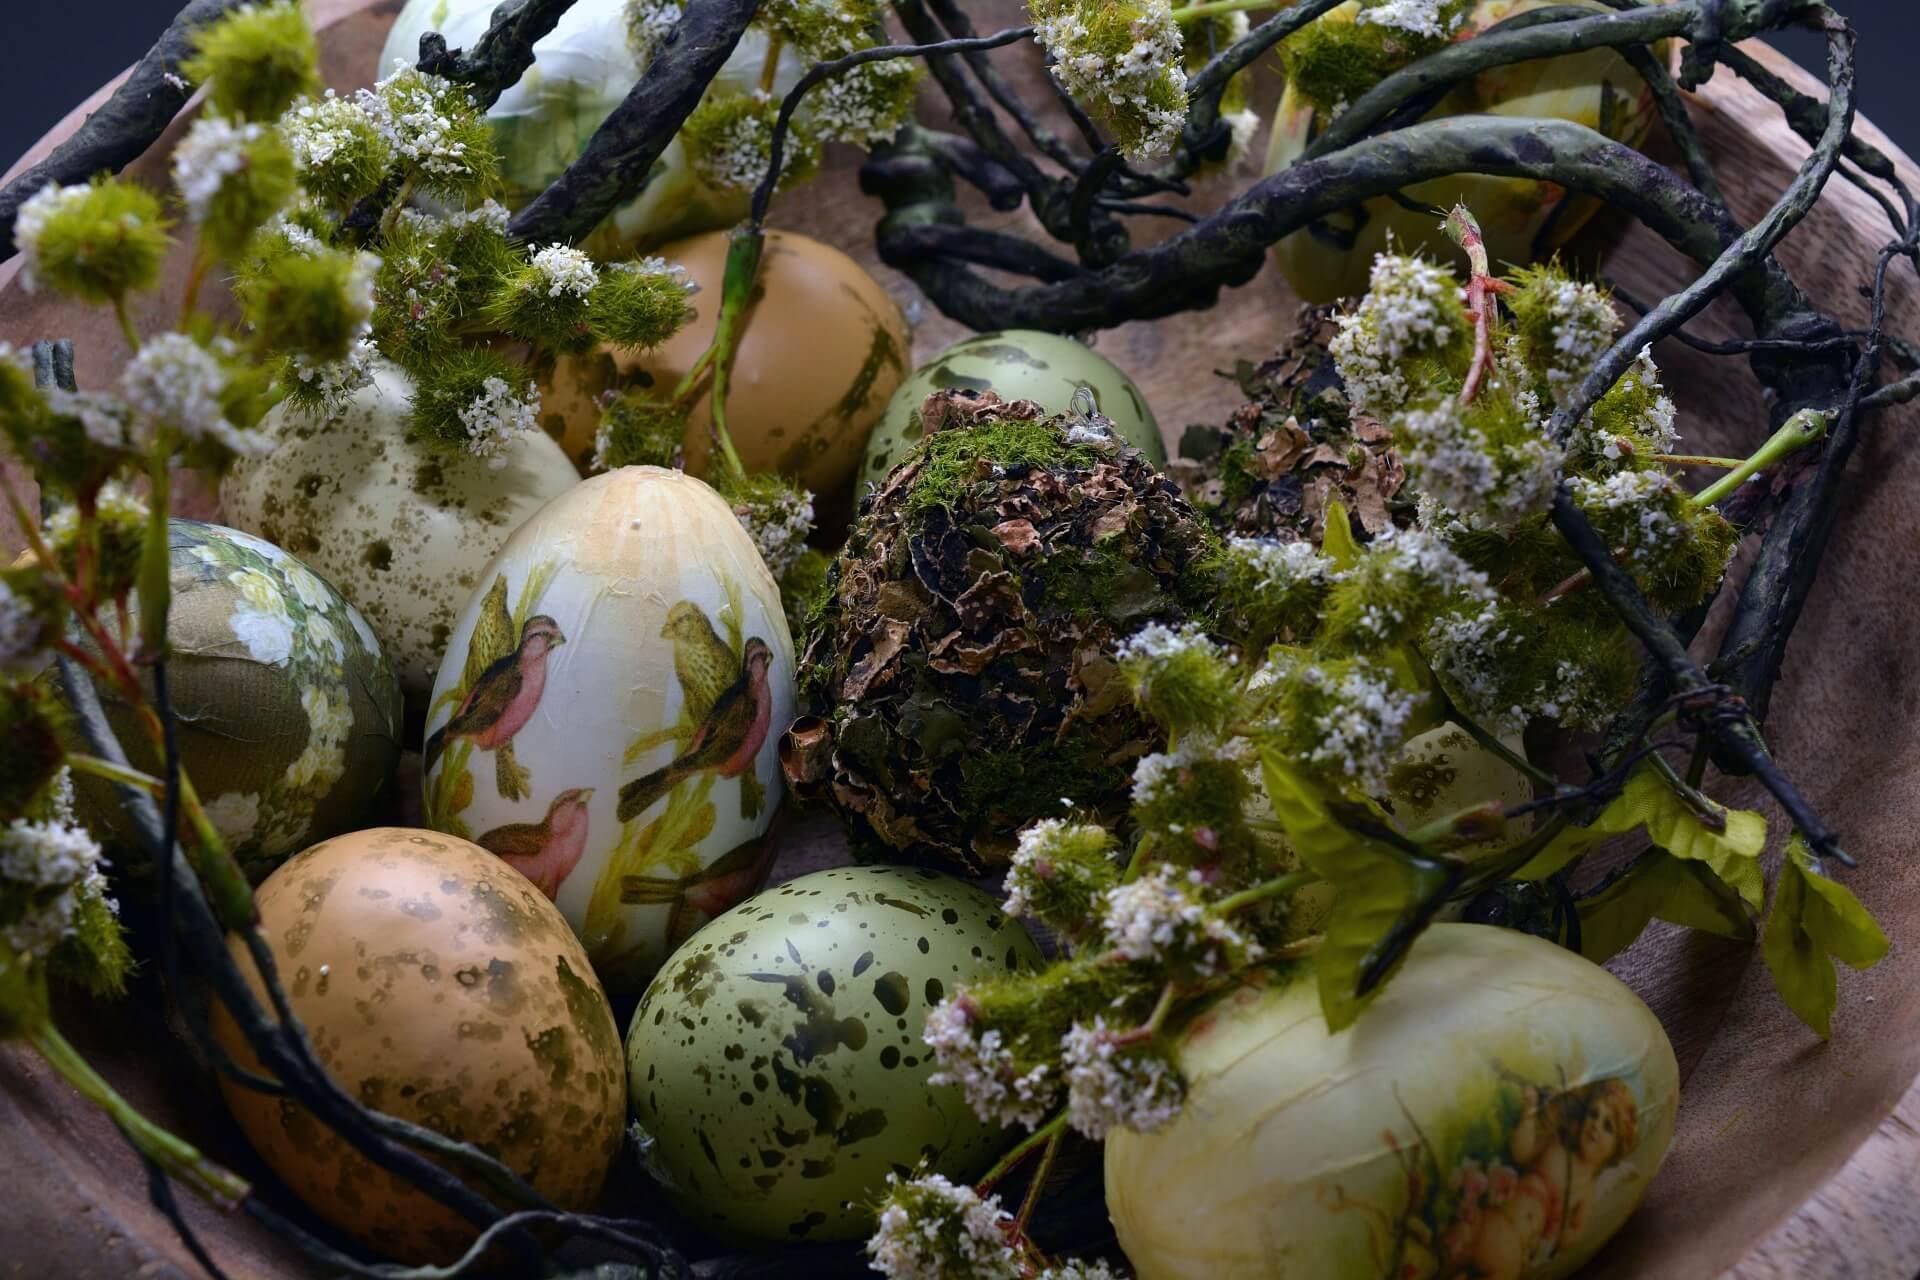 easter-eggs-1232929_1920